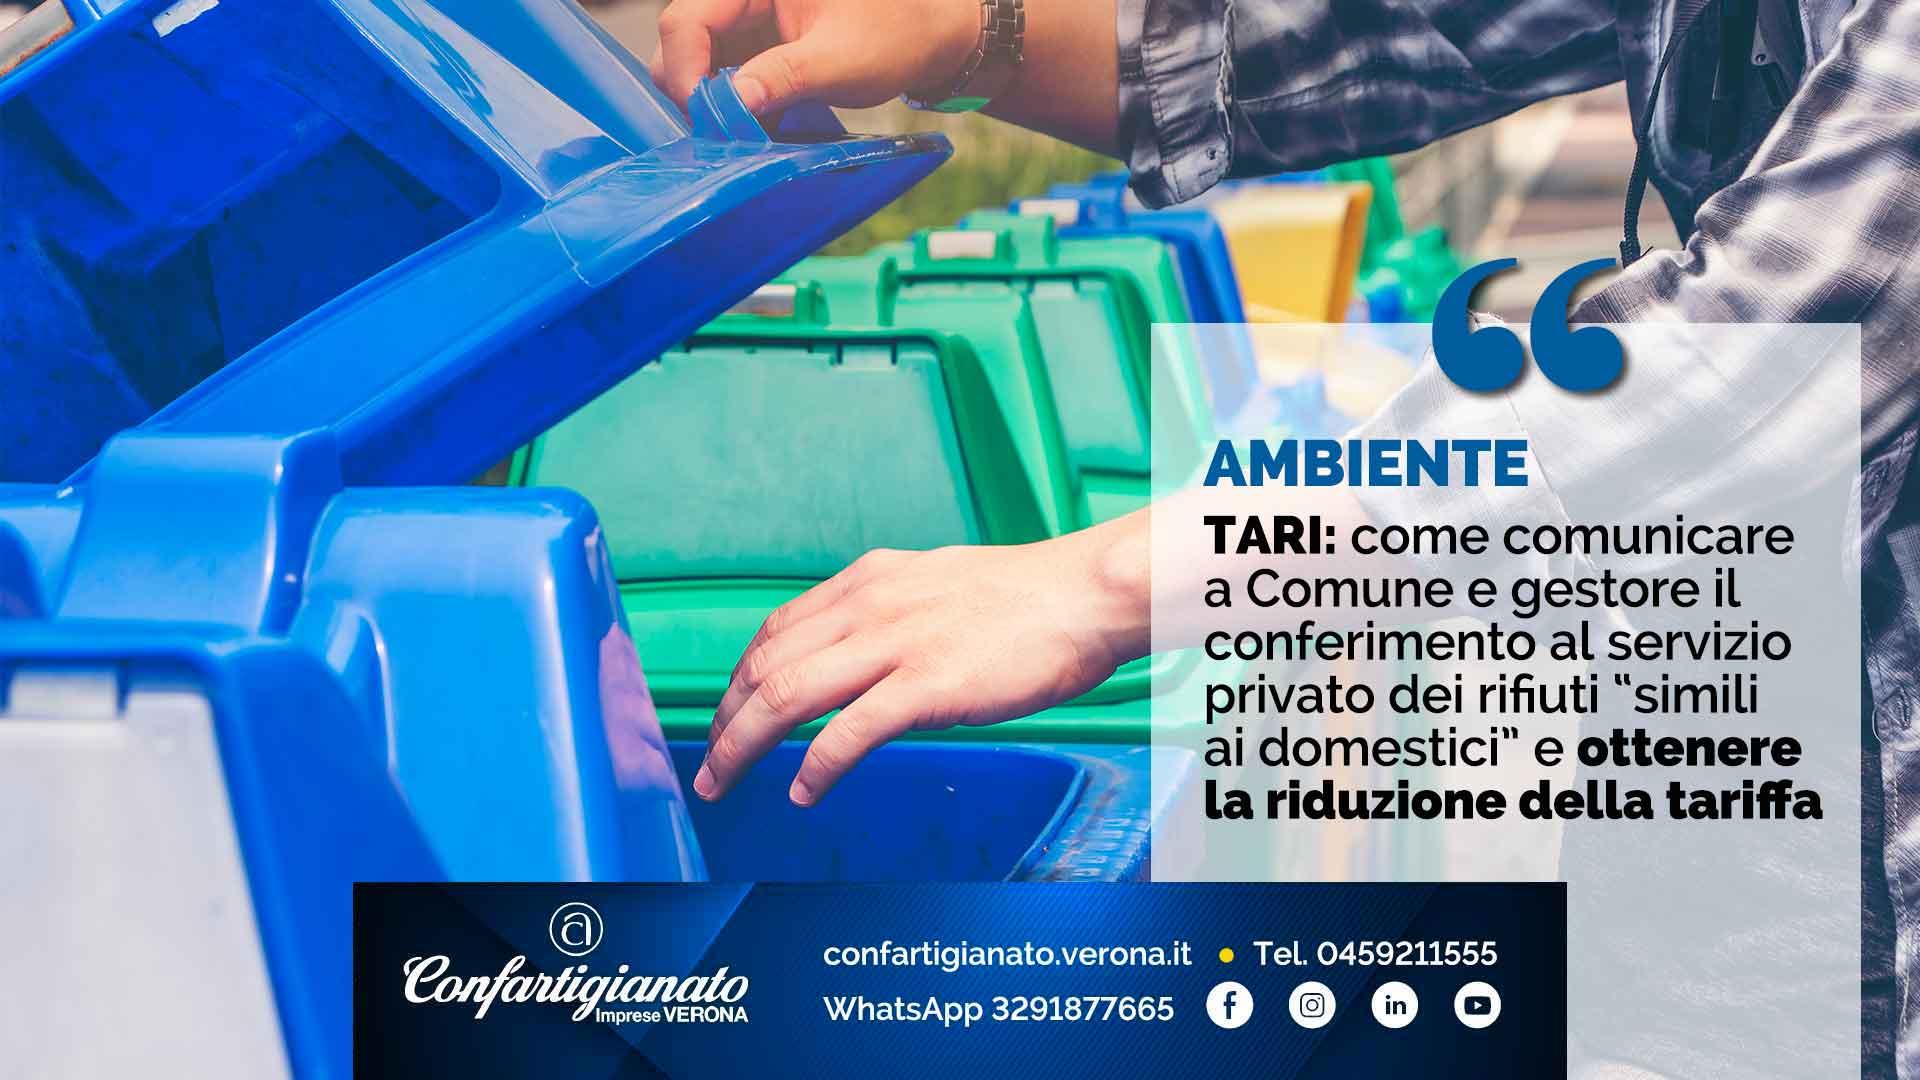 """AMBIENTE – TARI: come comunicare a Comune e gestore il conferimento al servizio privato dei rifiuti """"simili ai domestici"""" e ottenere la riduzione della tariffa"""